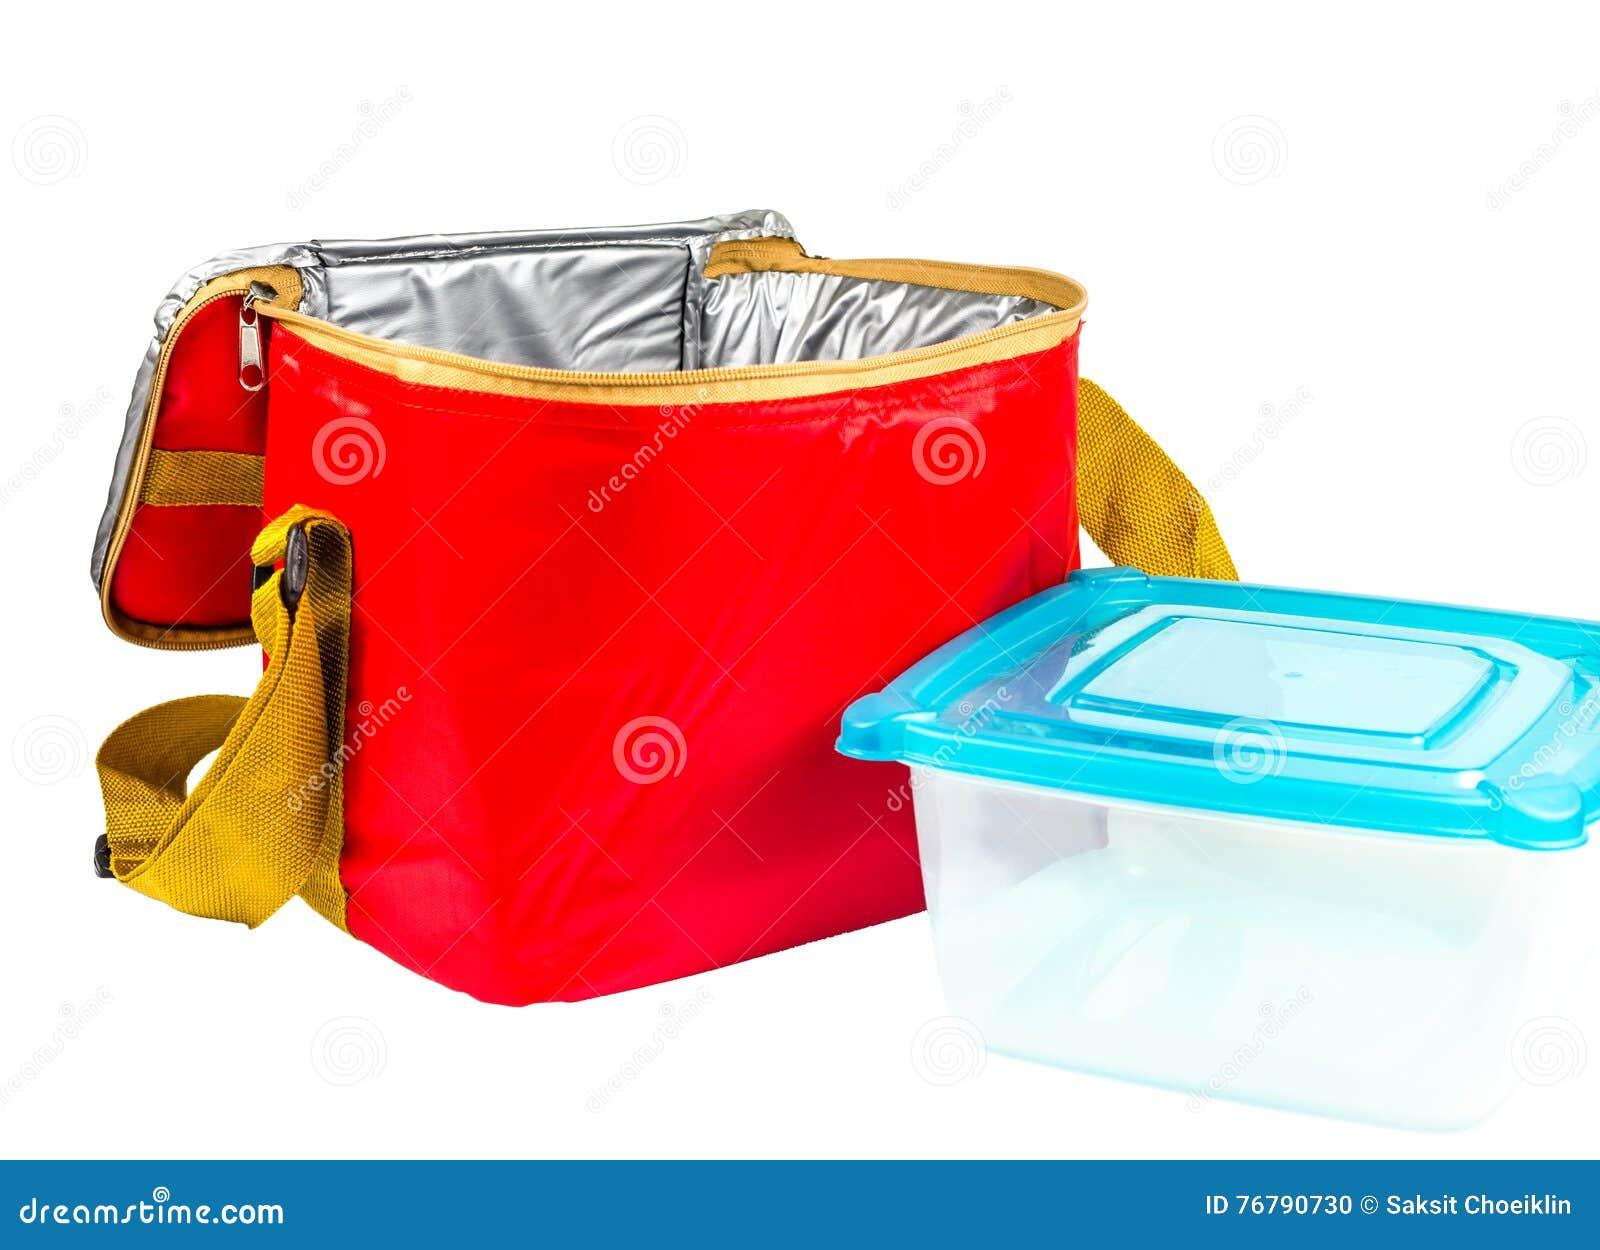 Sac isolé par rouge de stockage de nourriture